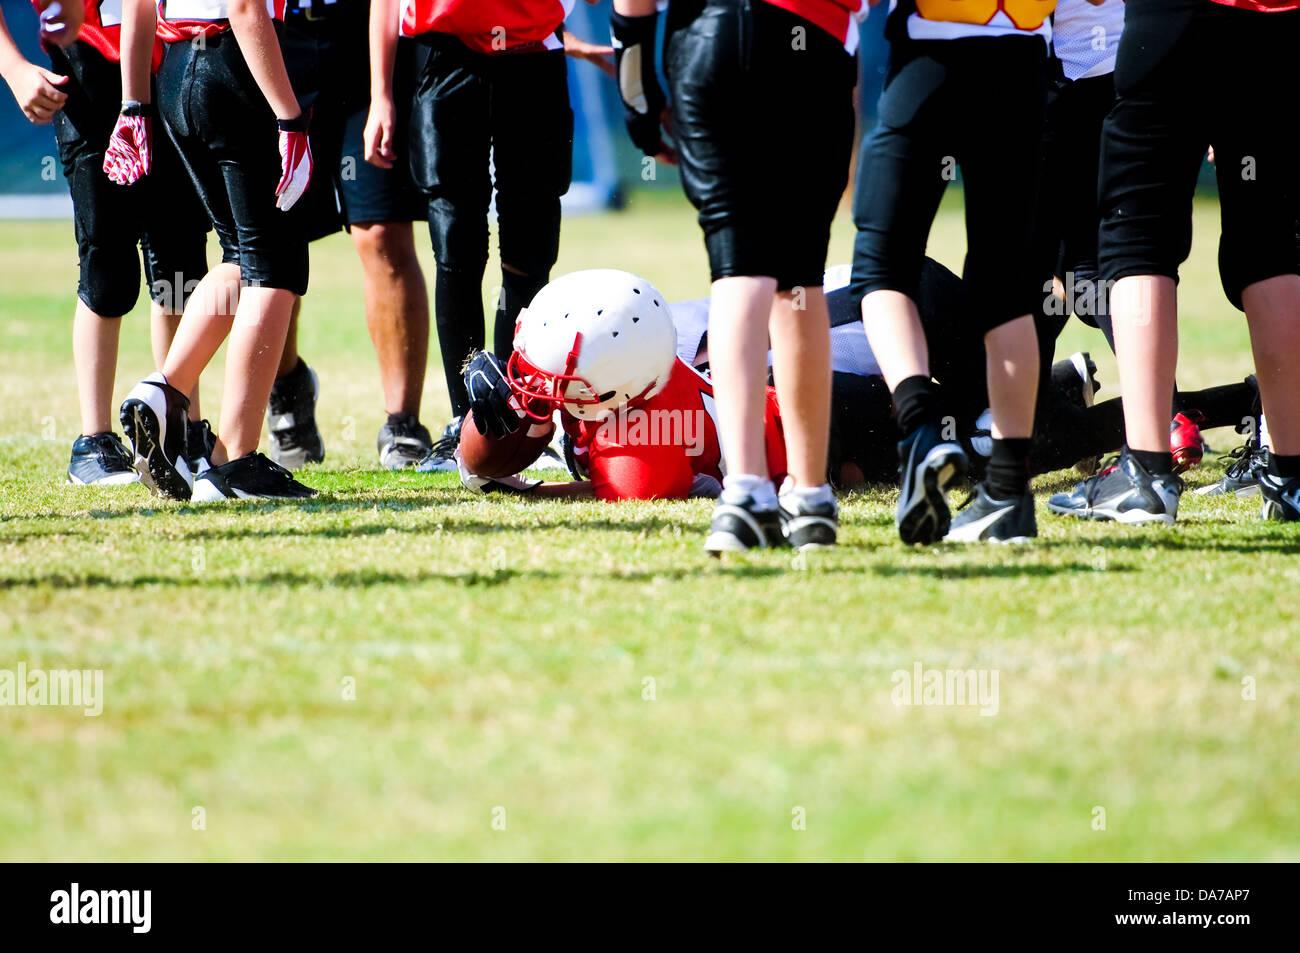 Affrontato il calcio ragazzo in mezzo ad un gruppo di giocatori. Immagini Stock